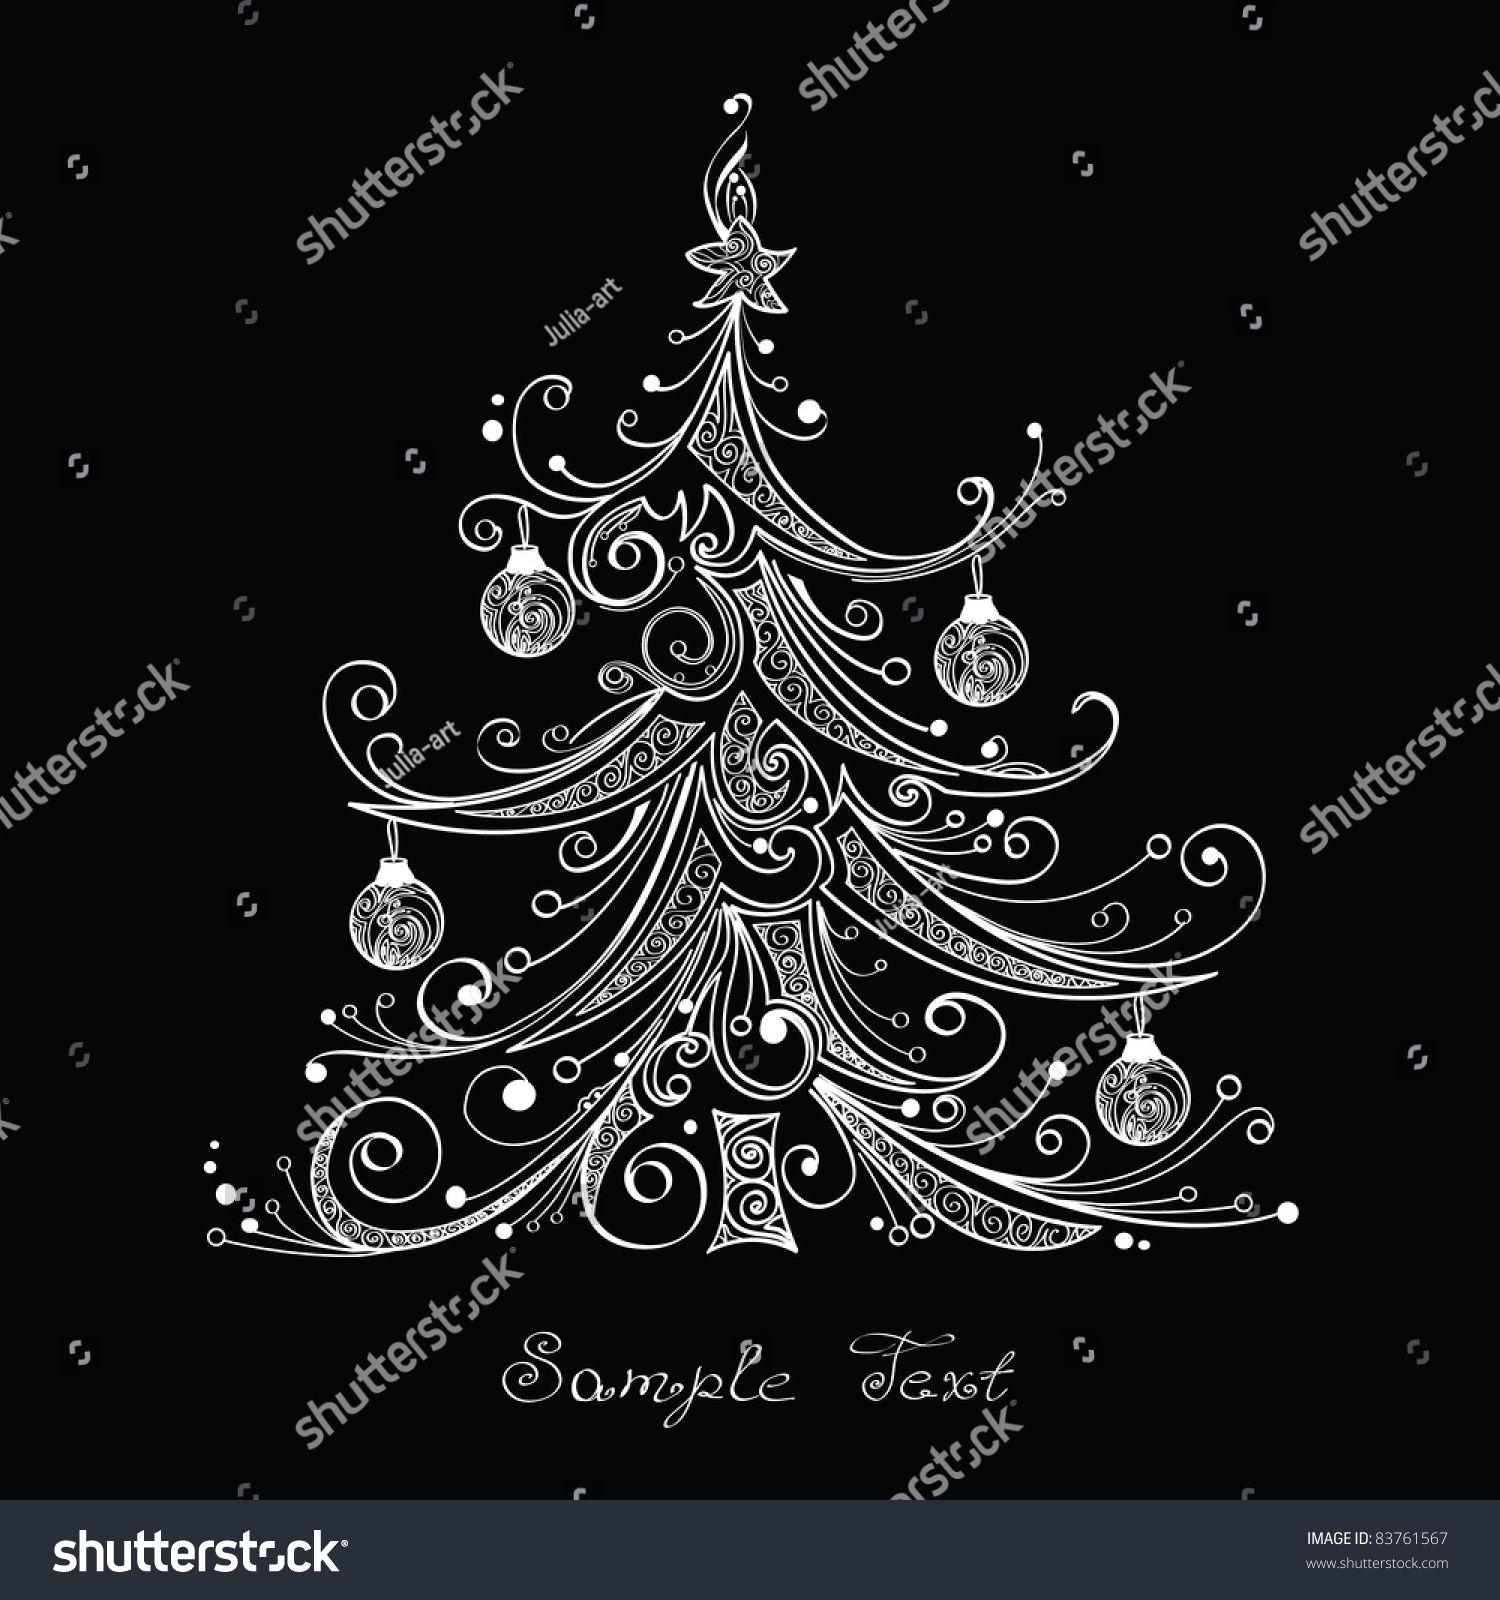 Schwarz-Weiß-Weihnachtsbaum, Vektorgrafik Stock-Vektorgrafik (Lizenzfrei) 83761567